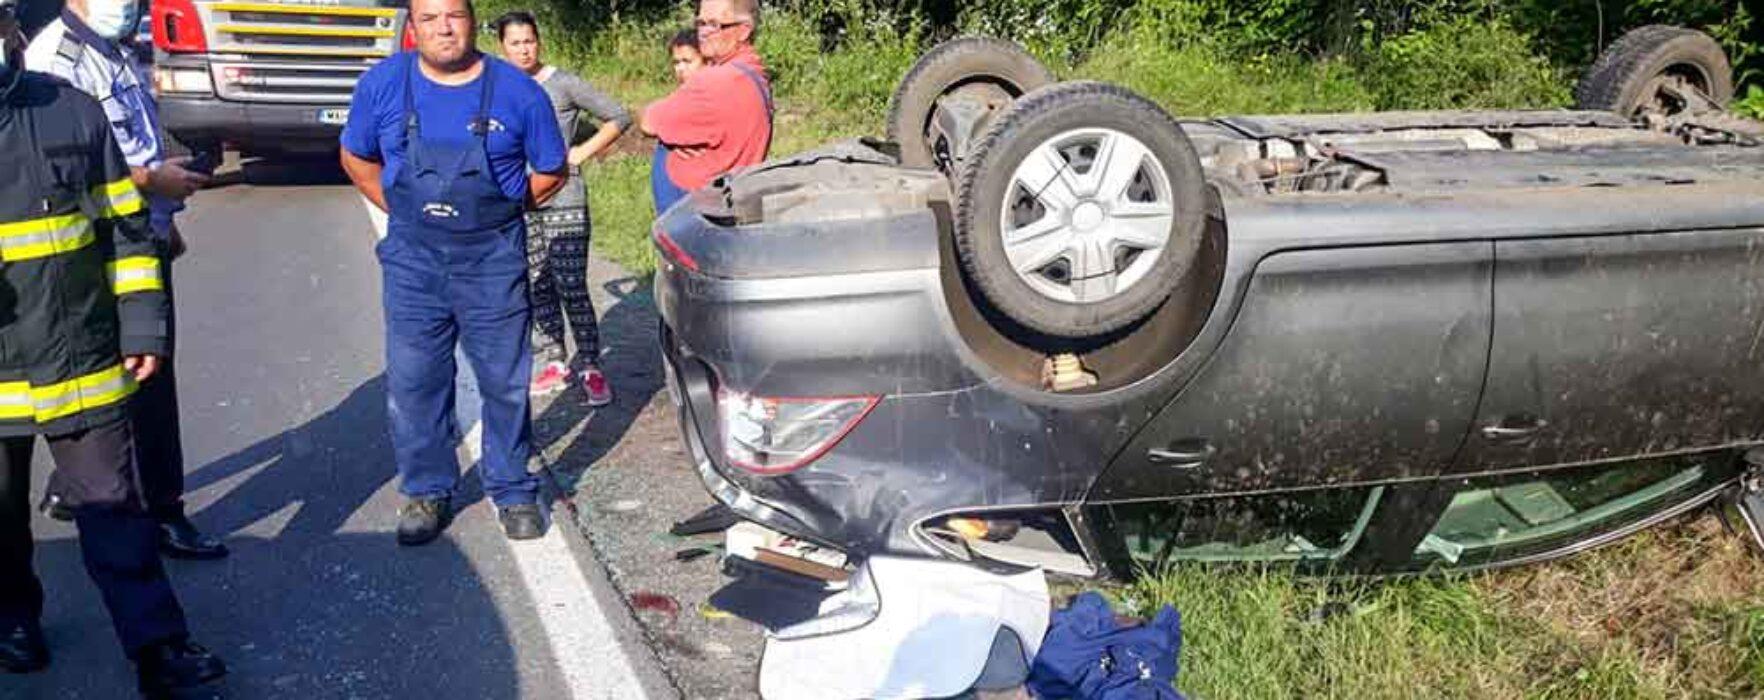 Dâmboviţa: Accident la Priseaca, maşină răsturnată în afara drumului